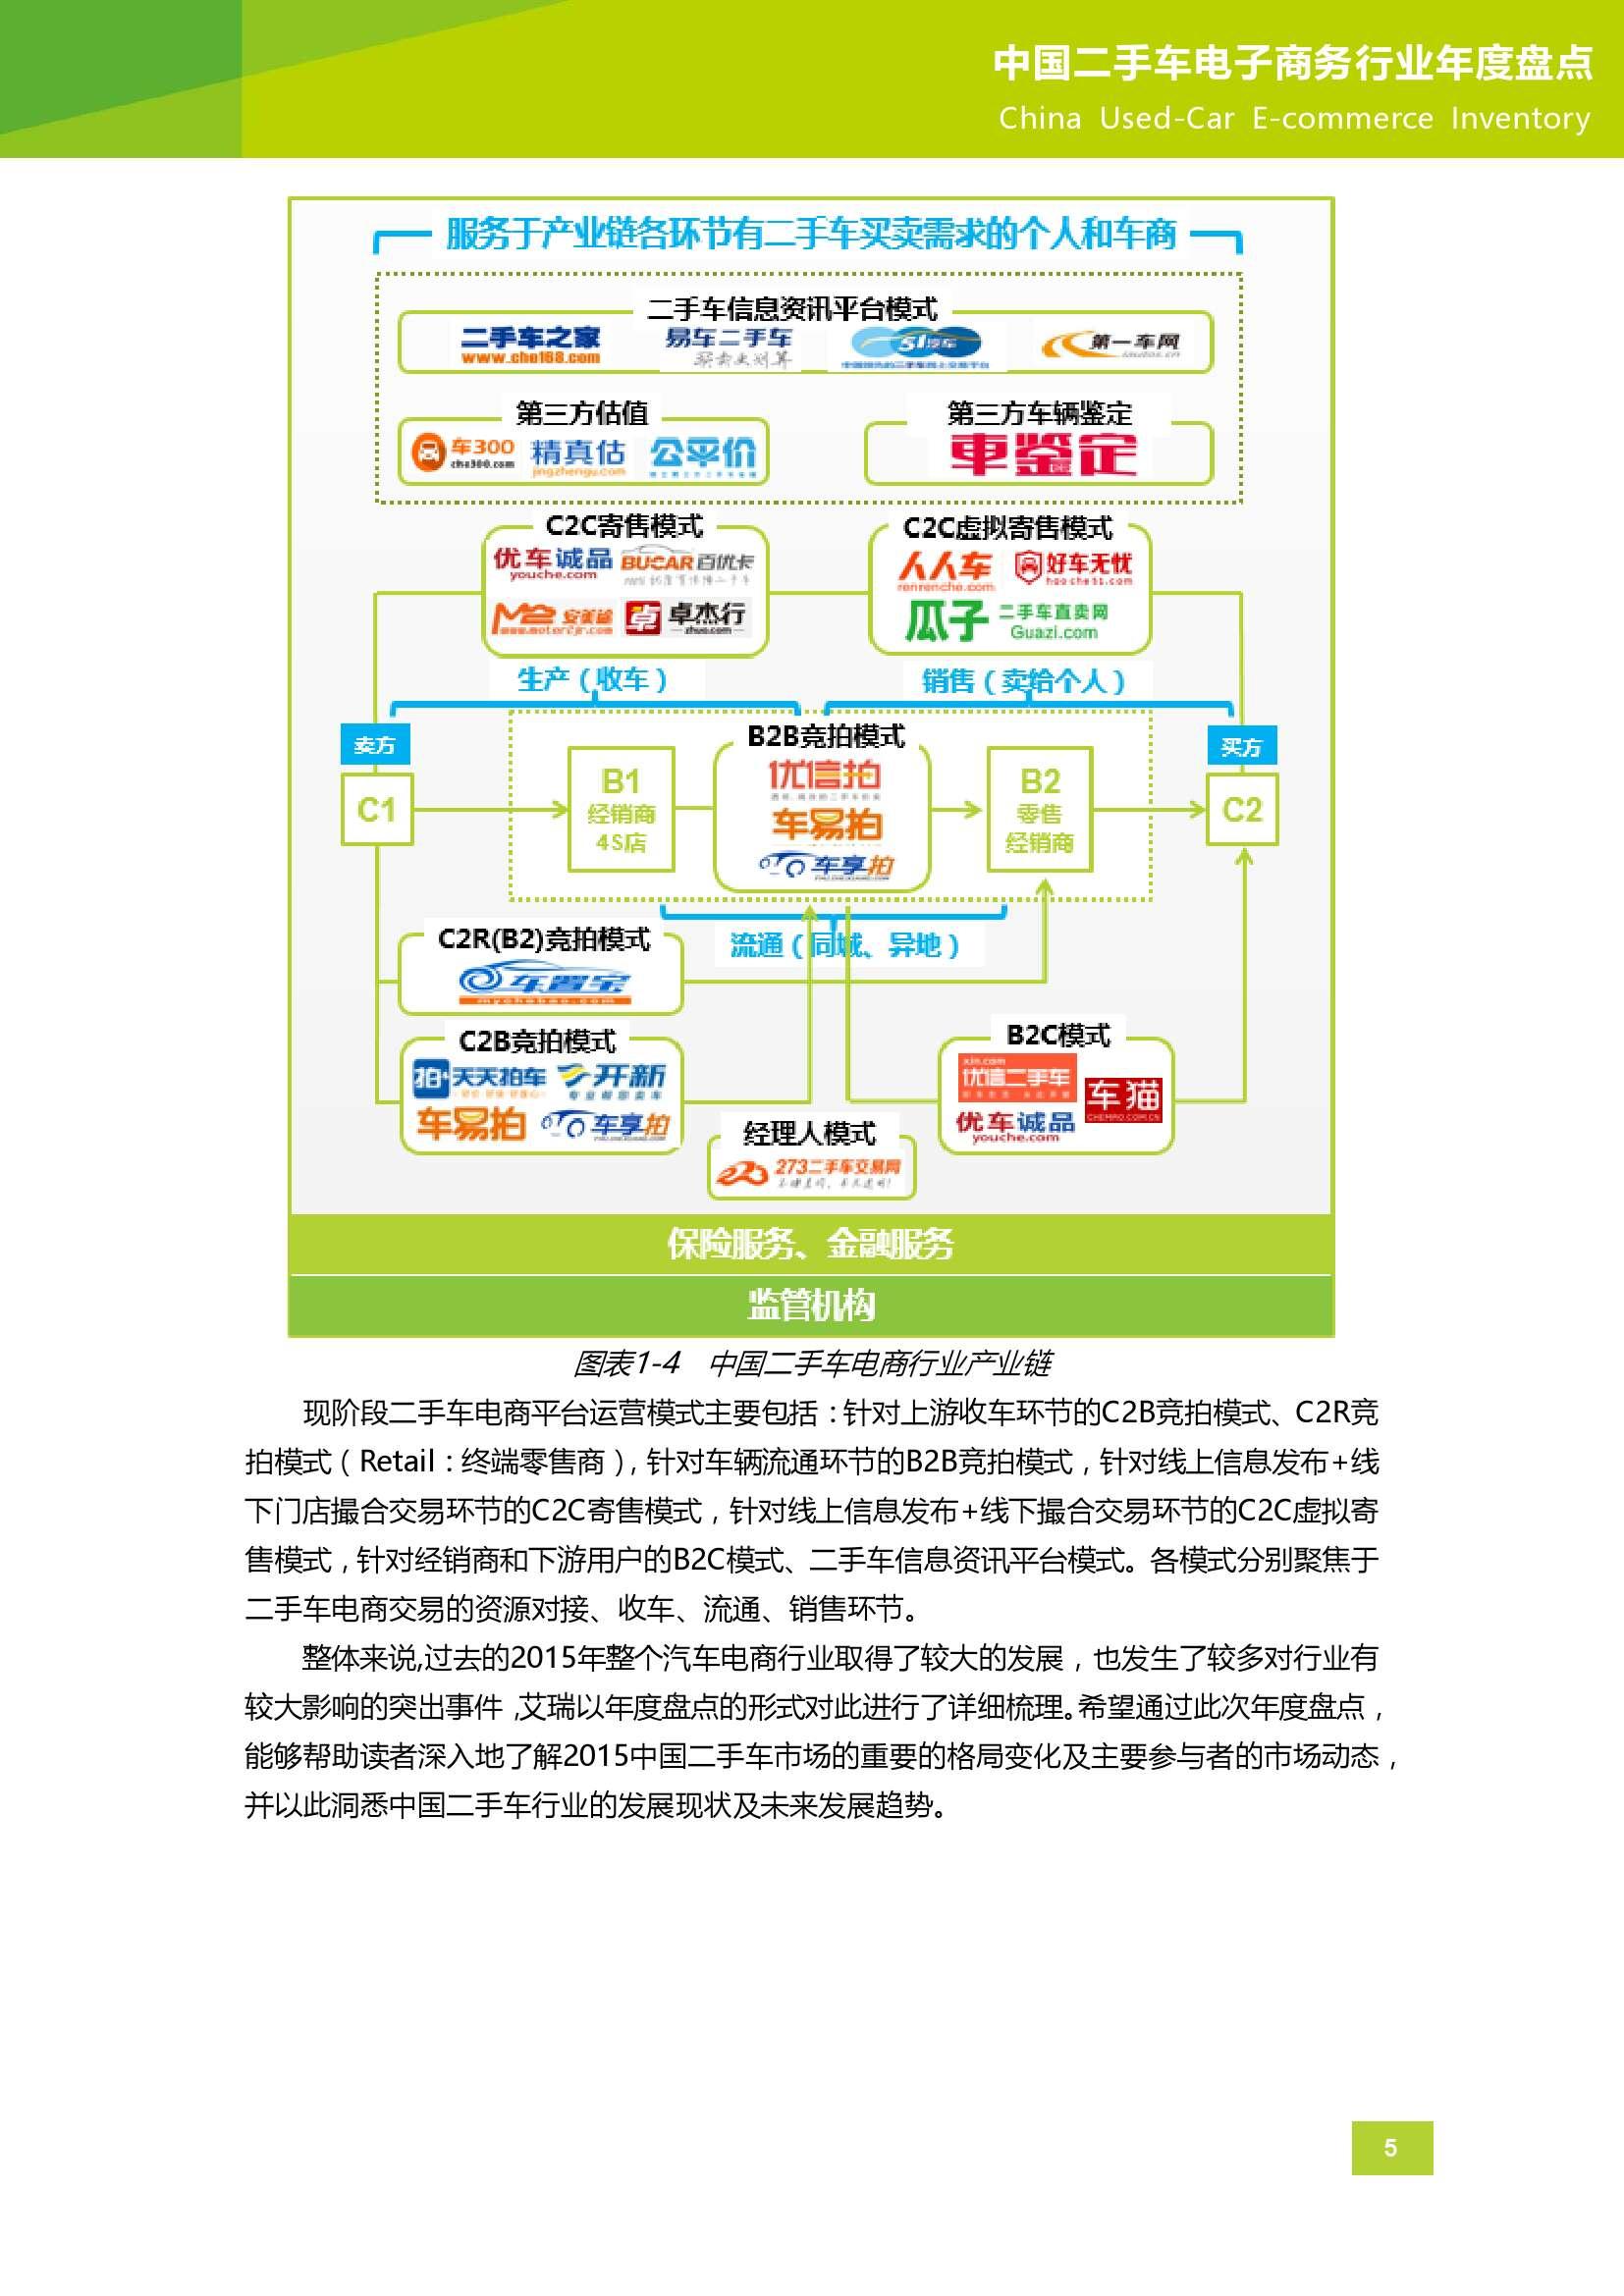 2015年中国二手车电子商务行业年度盘点_000006